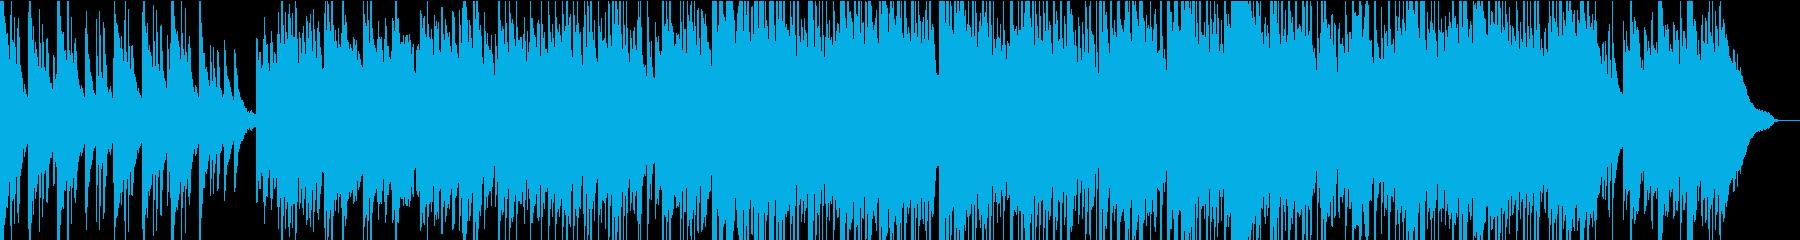 夏 夕方 センチメンタルなピアノBGMの再生済みの波形